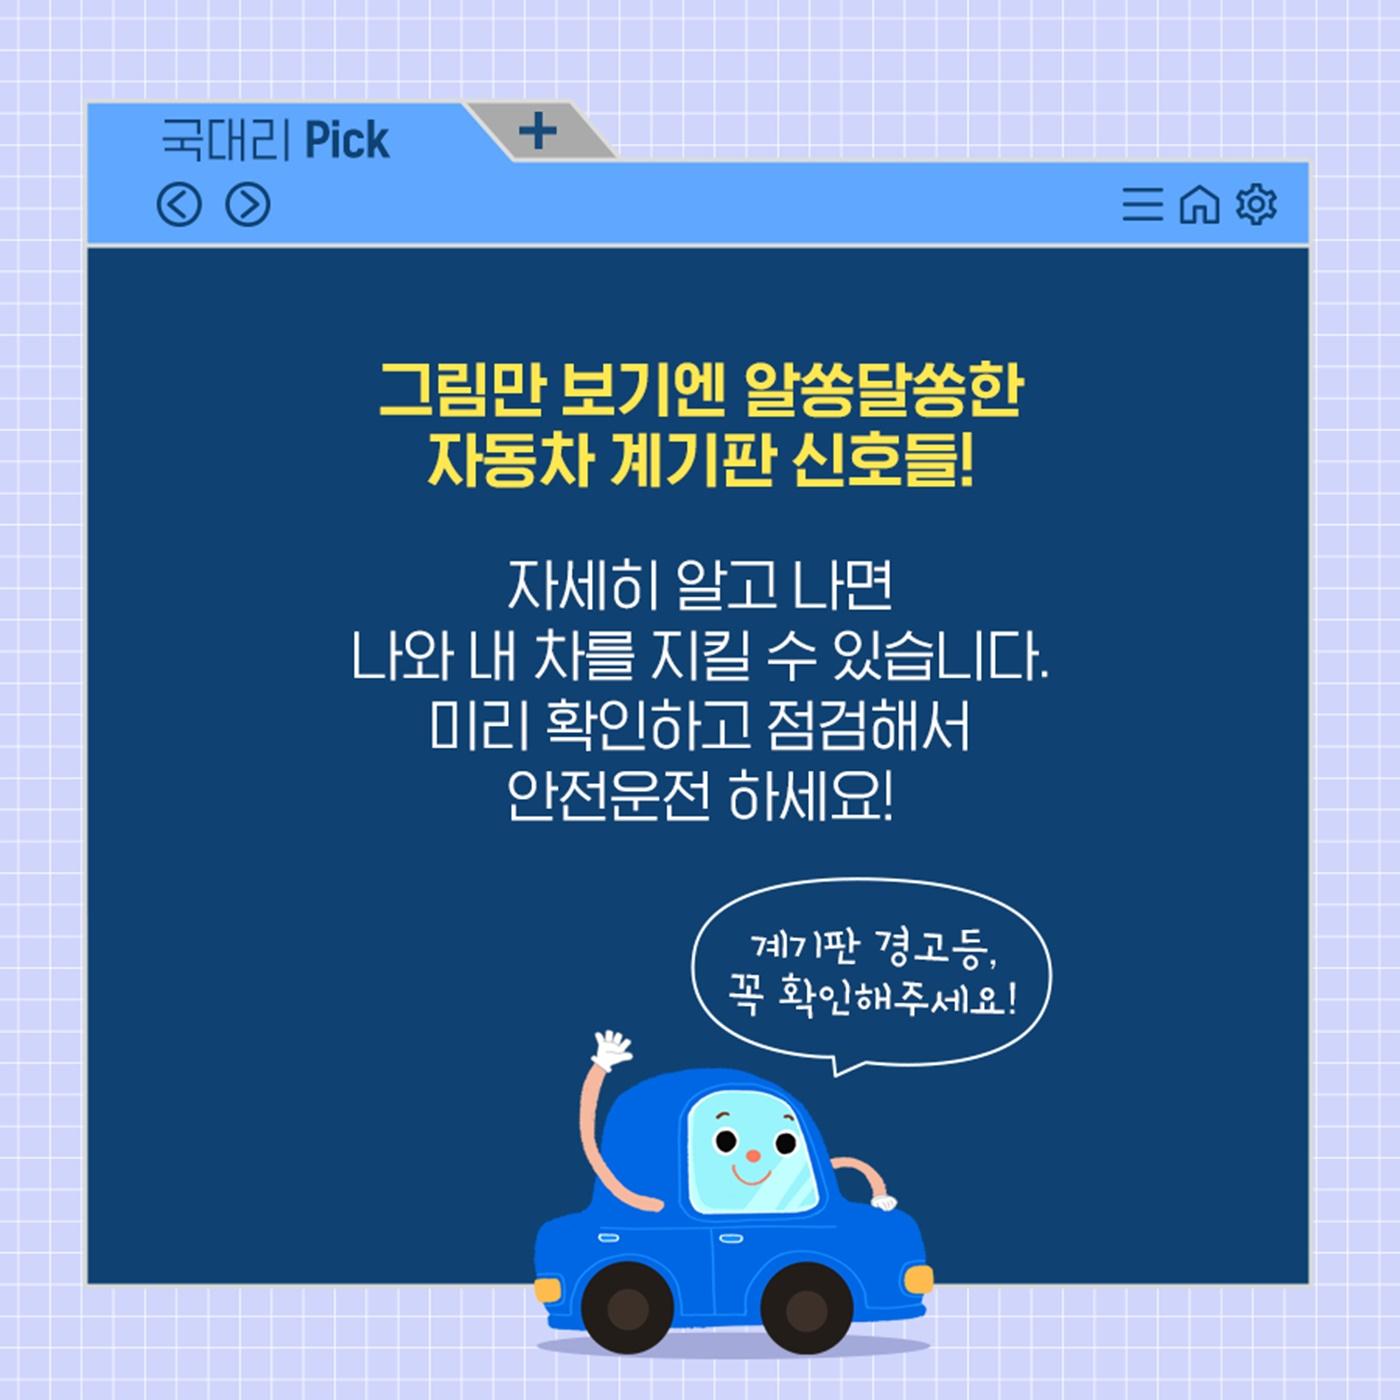 자칫하면 지나치기 쉬운 자동차 계카판 경고등, 자세히 알아봅시다!